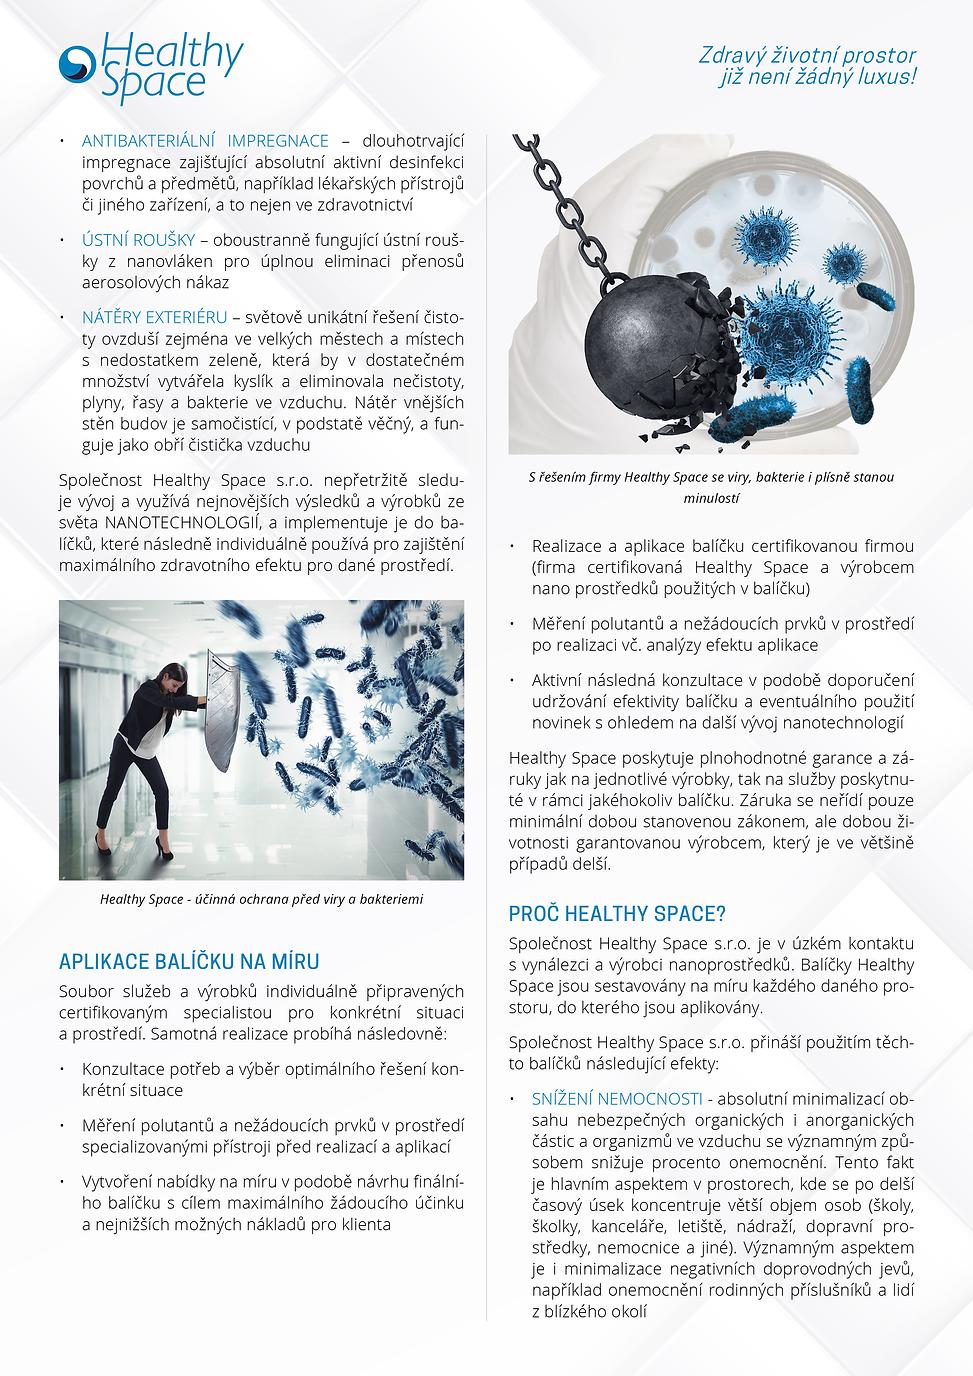 Infosheet-Healthy Space CZ3.png